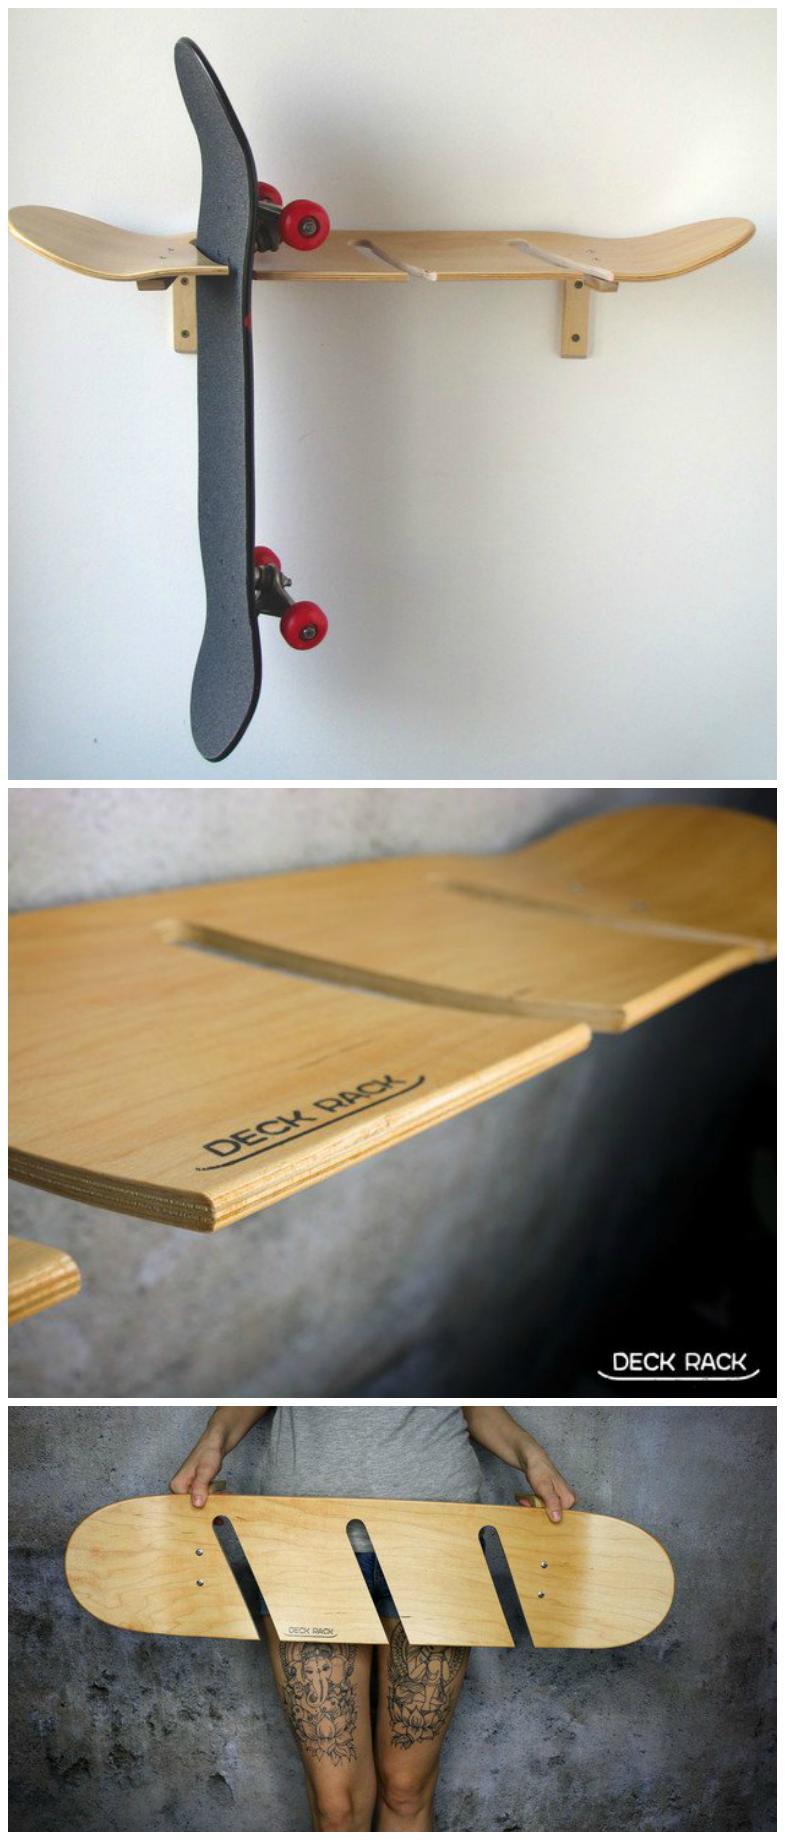 coole wandhalterung f r longboards oder skateboards die halterung besteht selbst aus einem. Black Bedroom Furniture Sets. Home Design Ideas